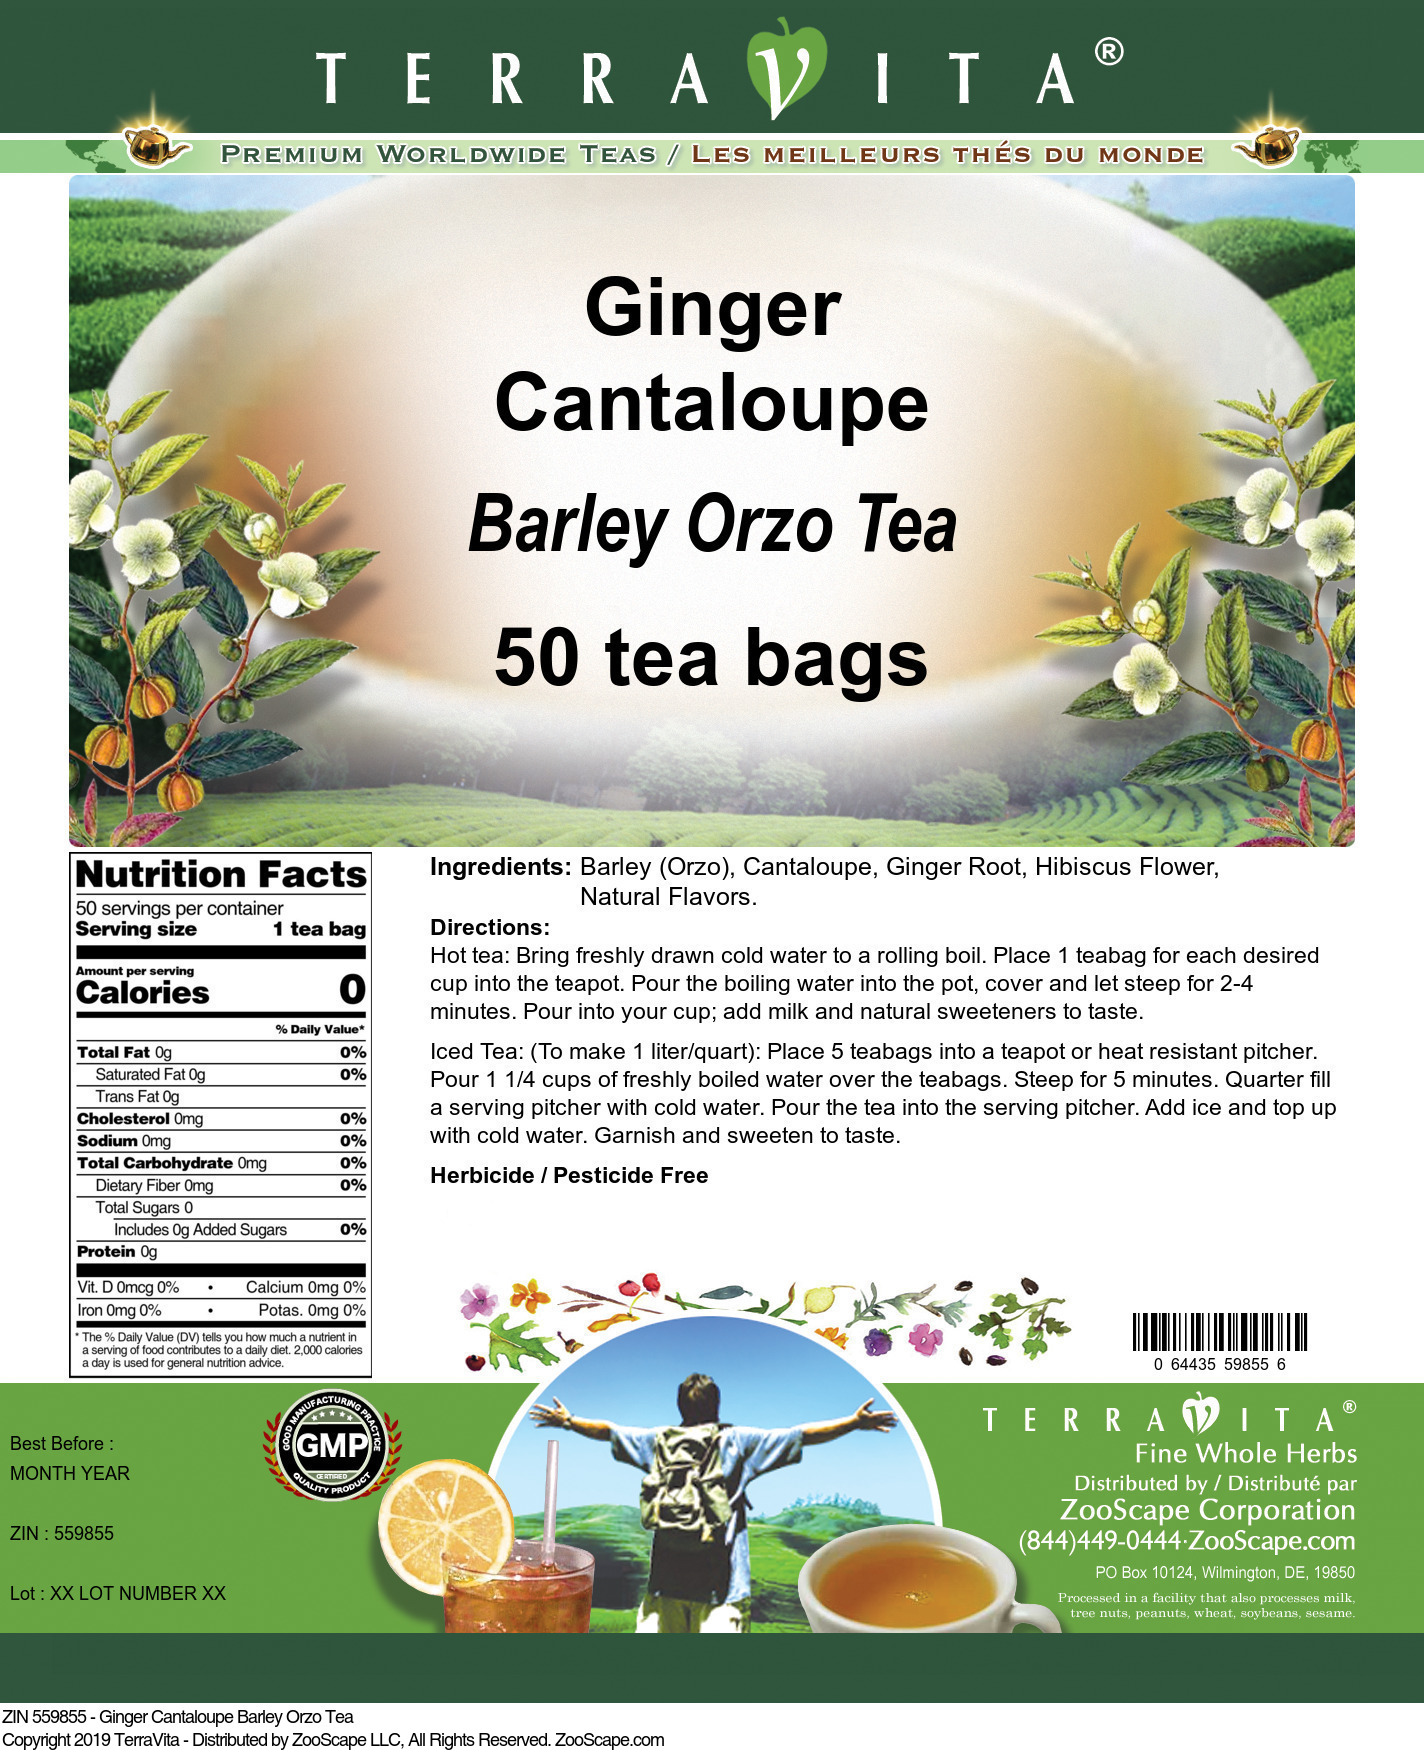 Ginger Cantaloupe Barley Orzo Tea